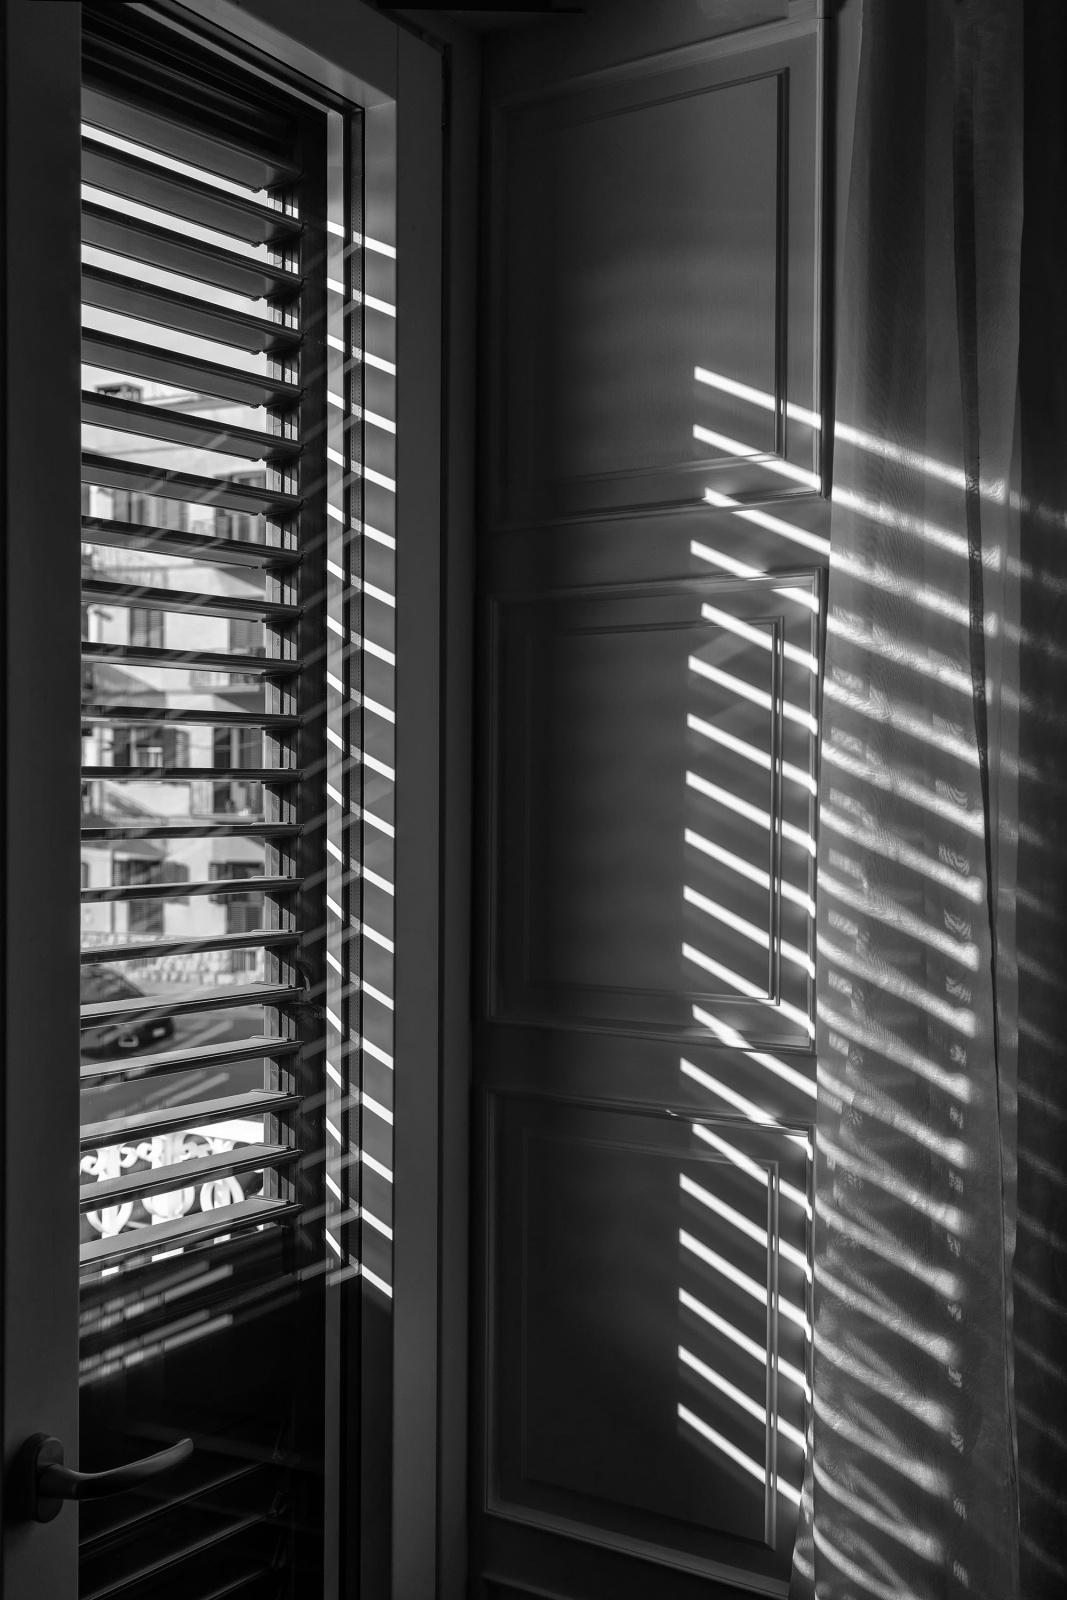 FILTRA LA LUCE - TI SVEGLI - una revisione veloce alle tue funzioni vitali: Ok è tutto a posto. TI LAVI LE MANI. Apri la finestra,  filtra  la luce: è una bella giornata! SPERIAMO!, da questo momento sarà sempre e solo ATTESA.